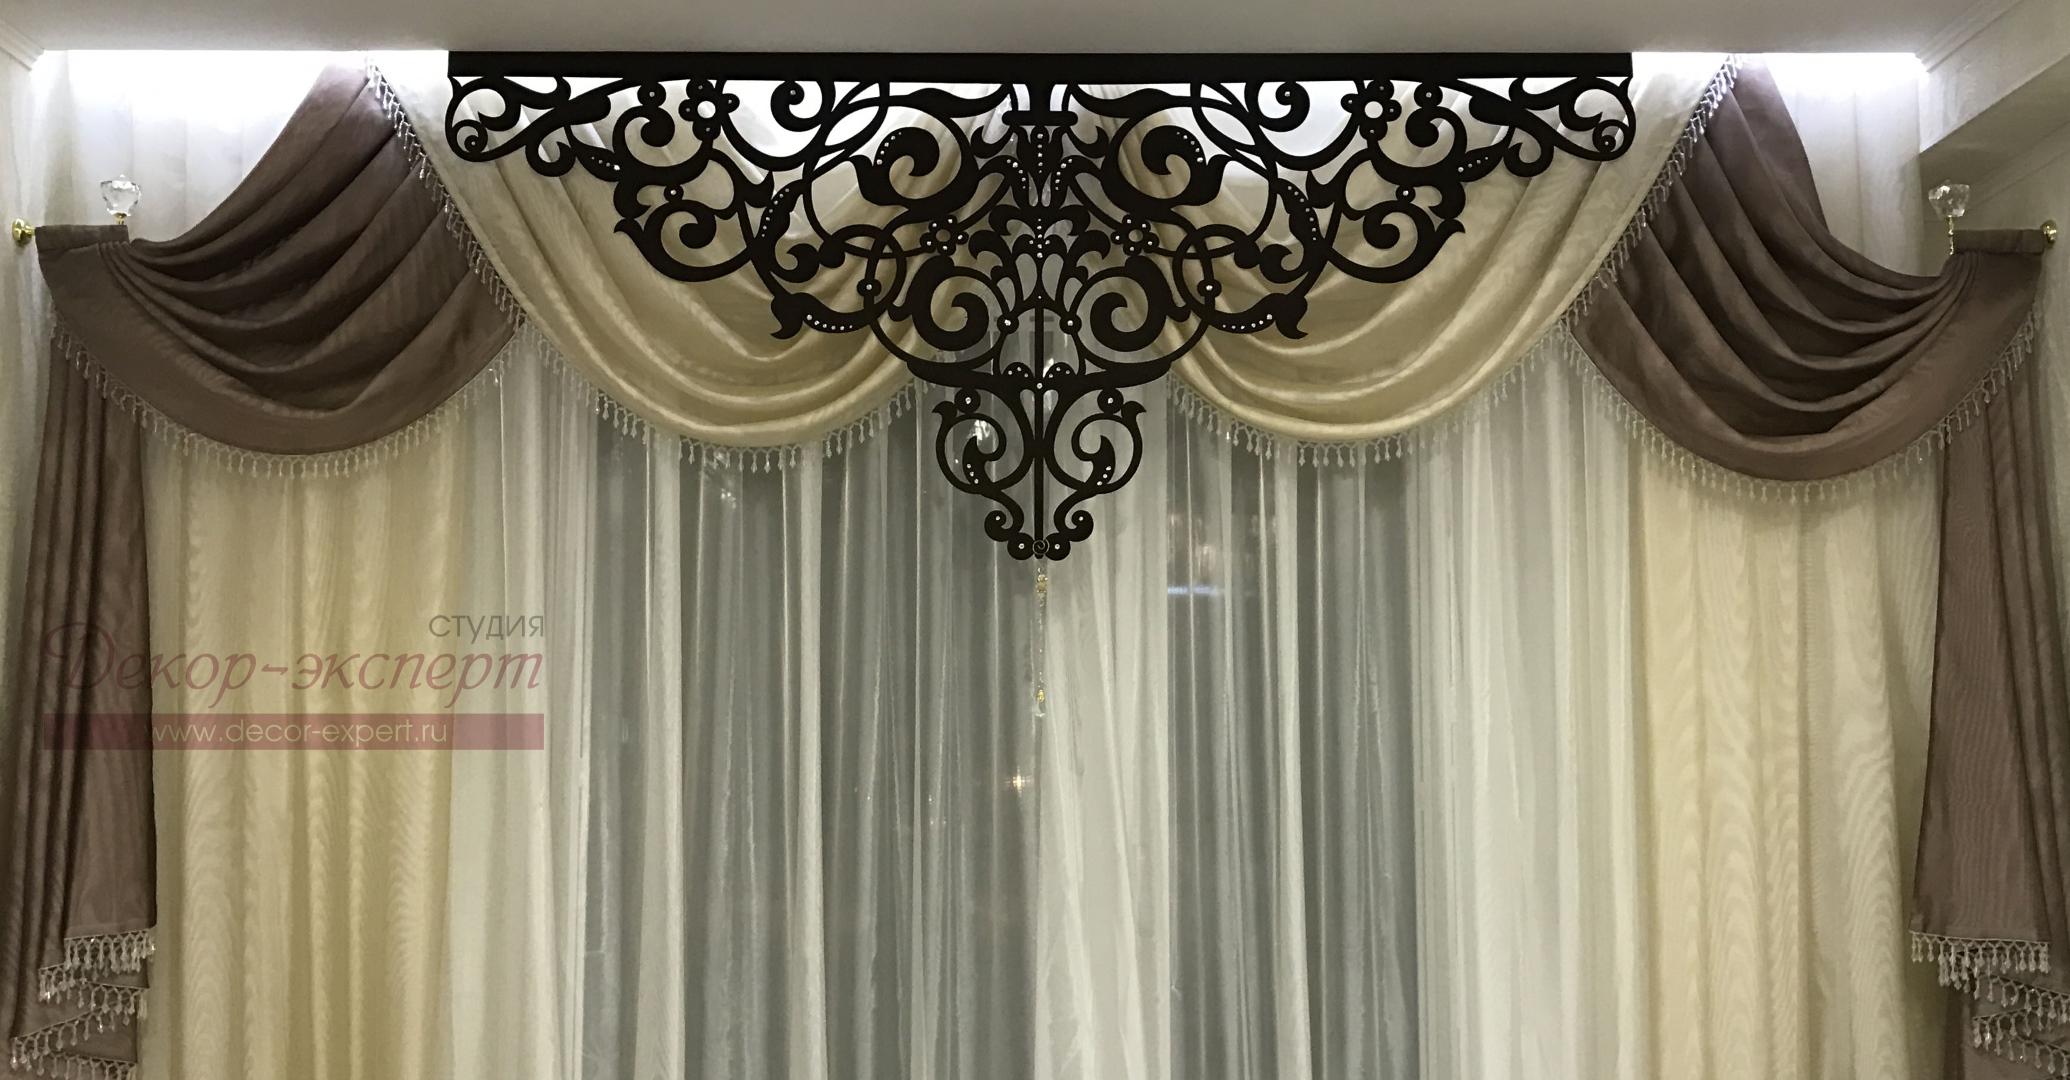 """Ажурный ламбрекен """"Флоренция"""" в комплекте со шторами . Фрагмент."""